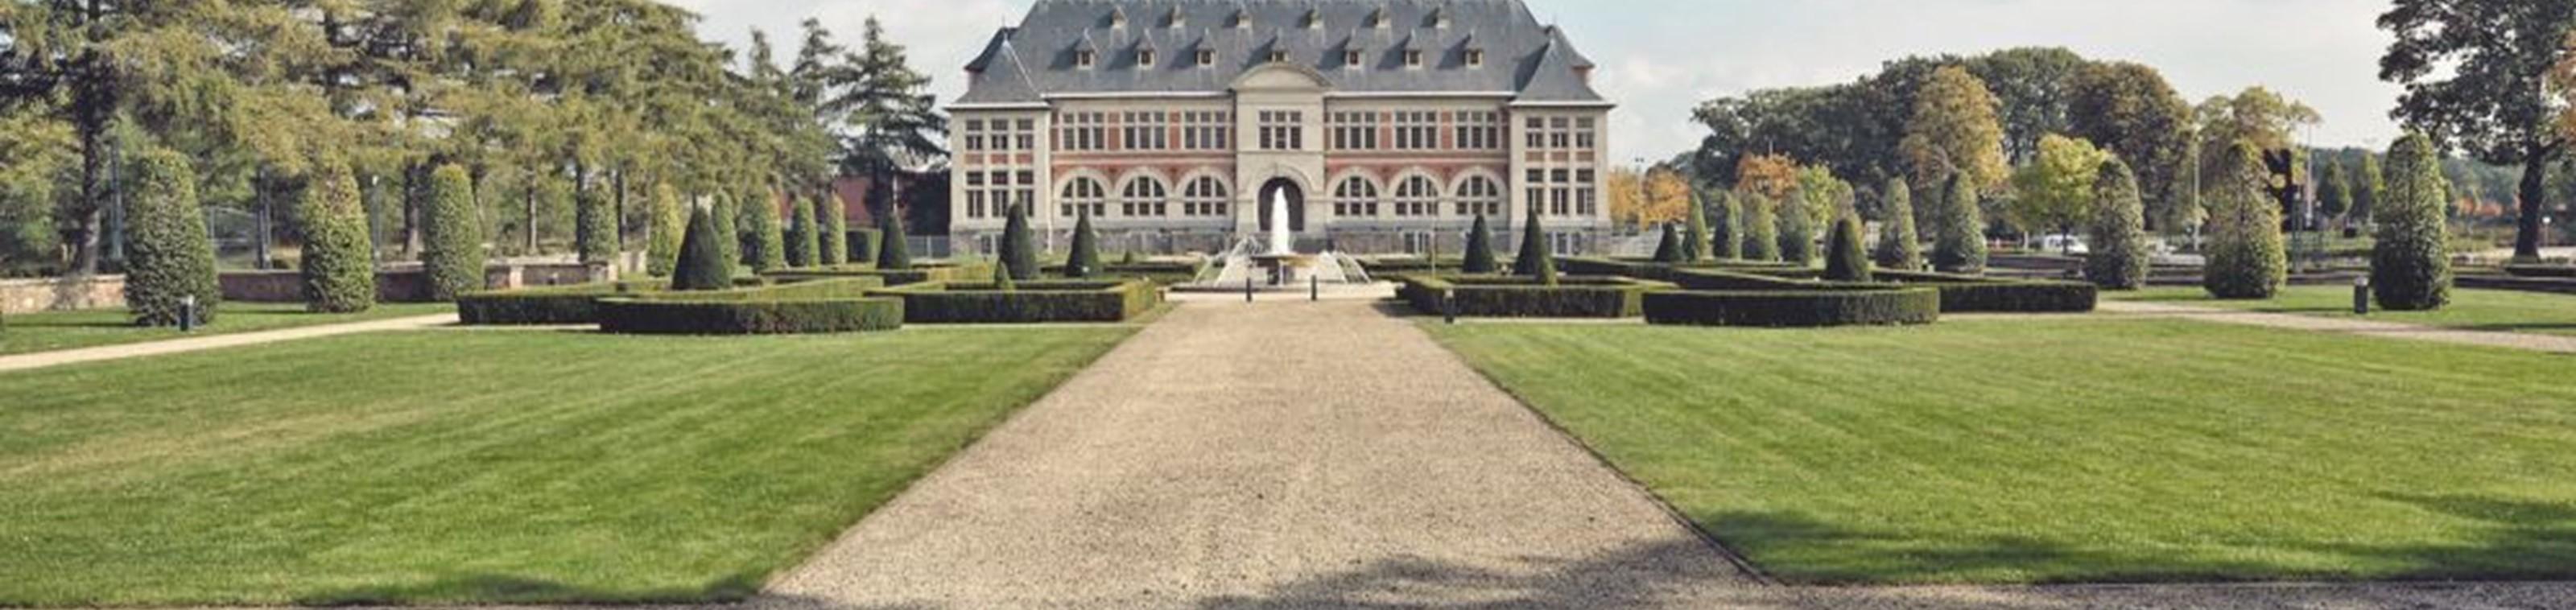 Romantisch verblijven in een kasteel in Limburg